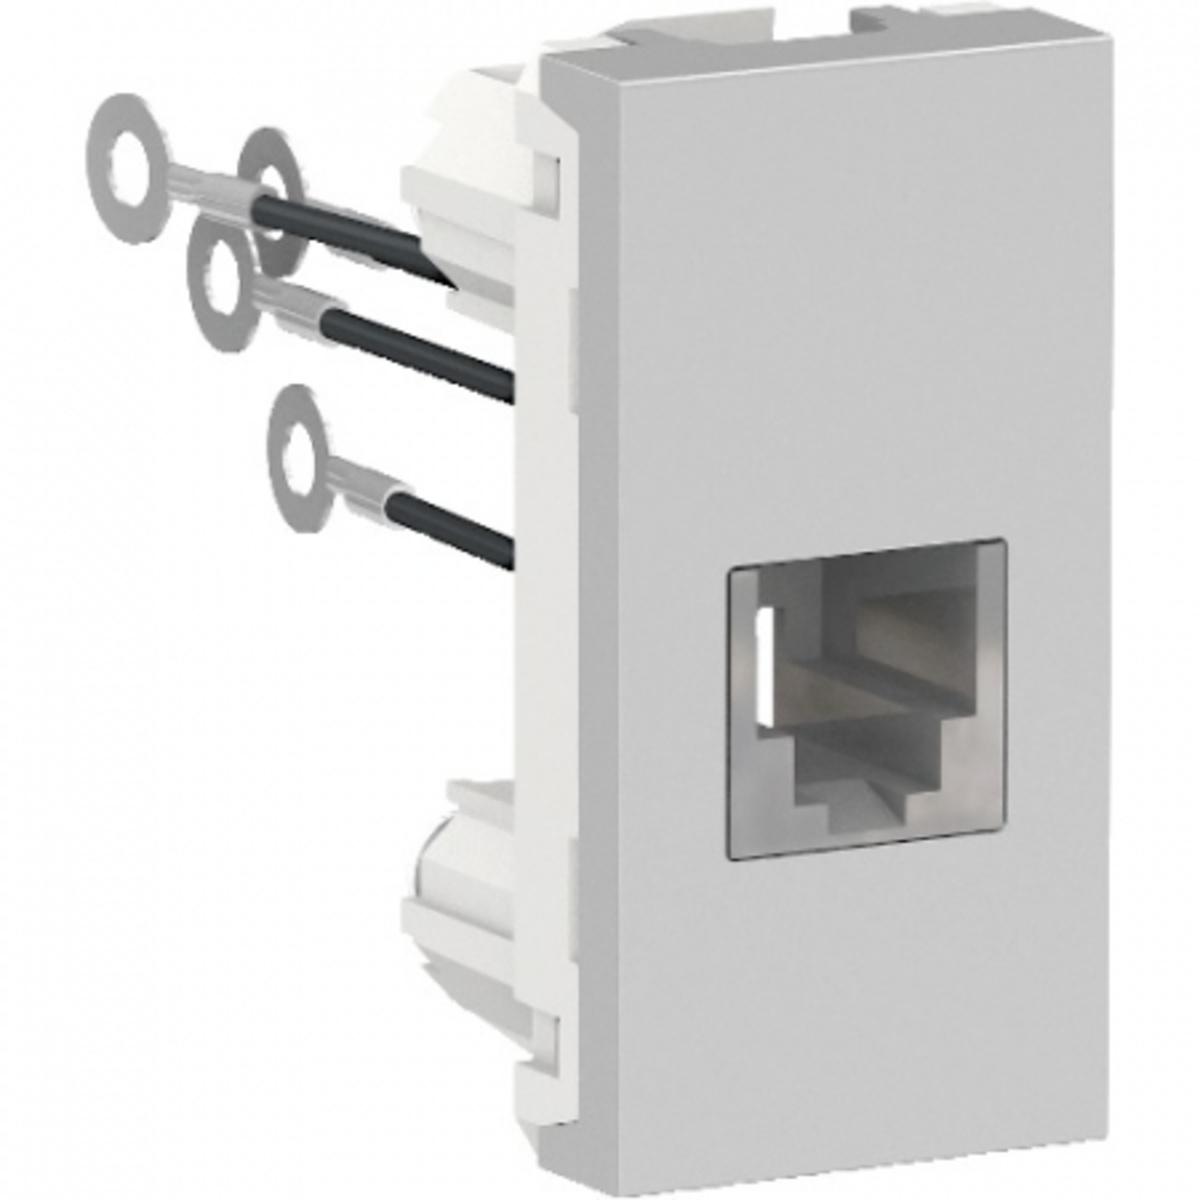 Eletriza - Eletriza Materiais Elétricos, Hidráulicos e Automação Industrial - ORION MODULO TOMADA RJ11 (4 FIOS) 1M AL SCHNEIDER